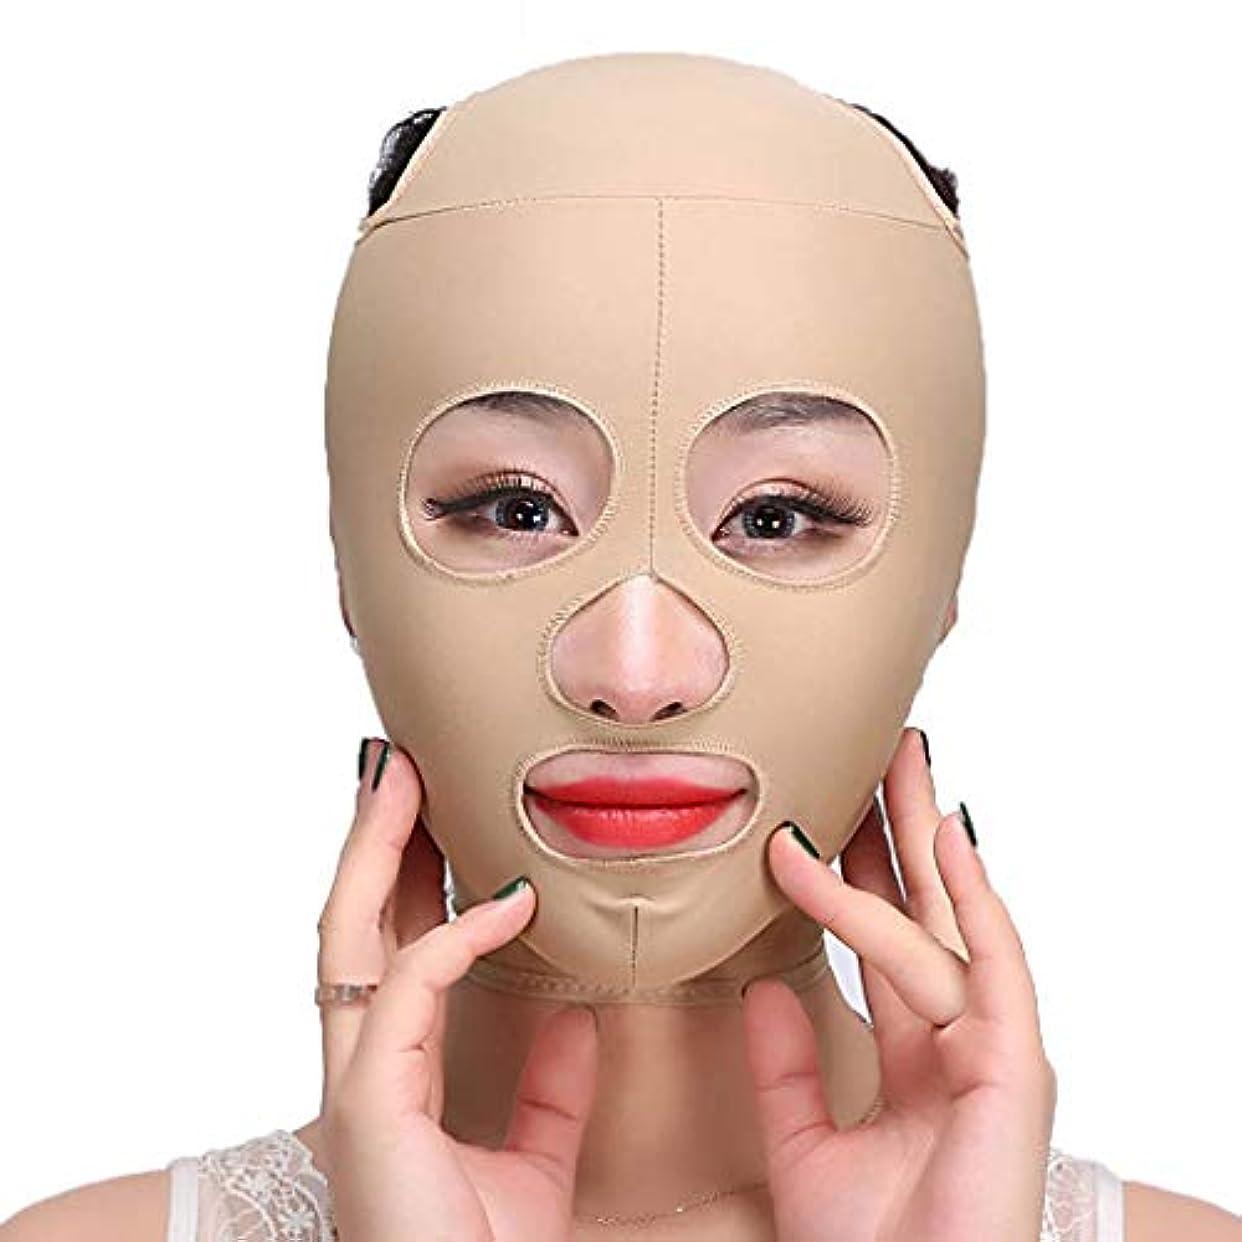 編集者クラックポット封筒LJK 痩身ベルト、フェイスマスク薄いフェイス楽器リフティング引き締めVフェイス男性と女性フェイスリフティングステッカーダブルチンフェイスリフティングフェイスマスク包帯フェイシャルマッサージ (Size : L)